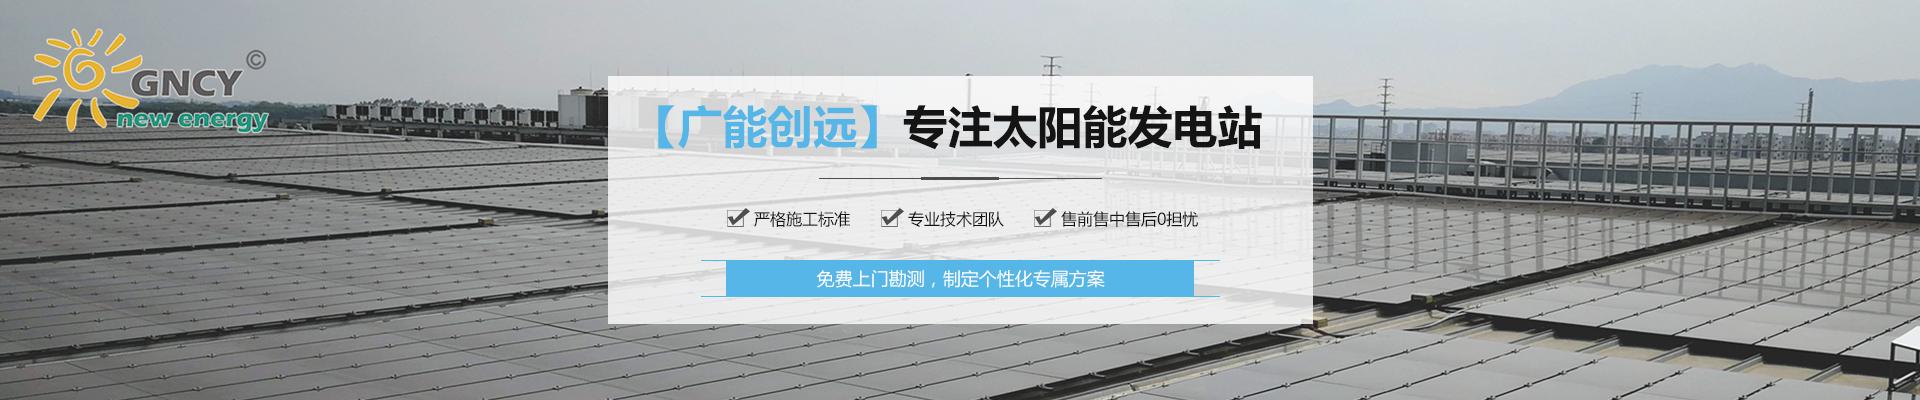 屋顶太阳能发电